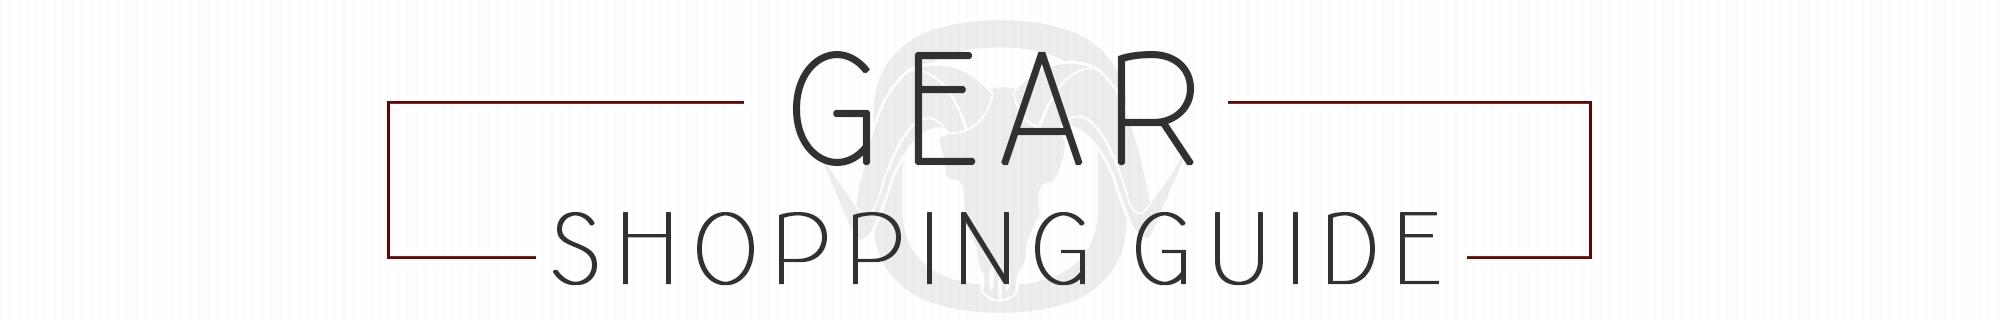 BlackOvis Gear Selection Guide